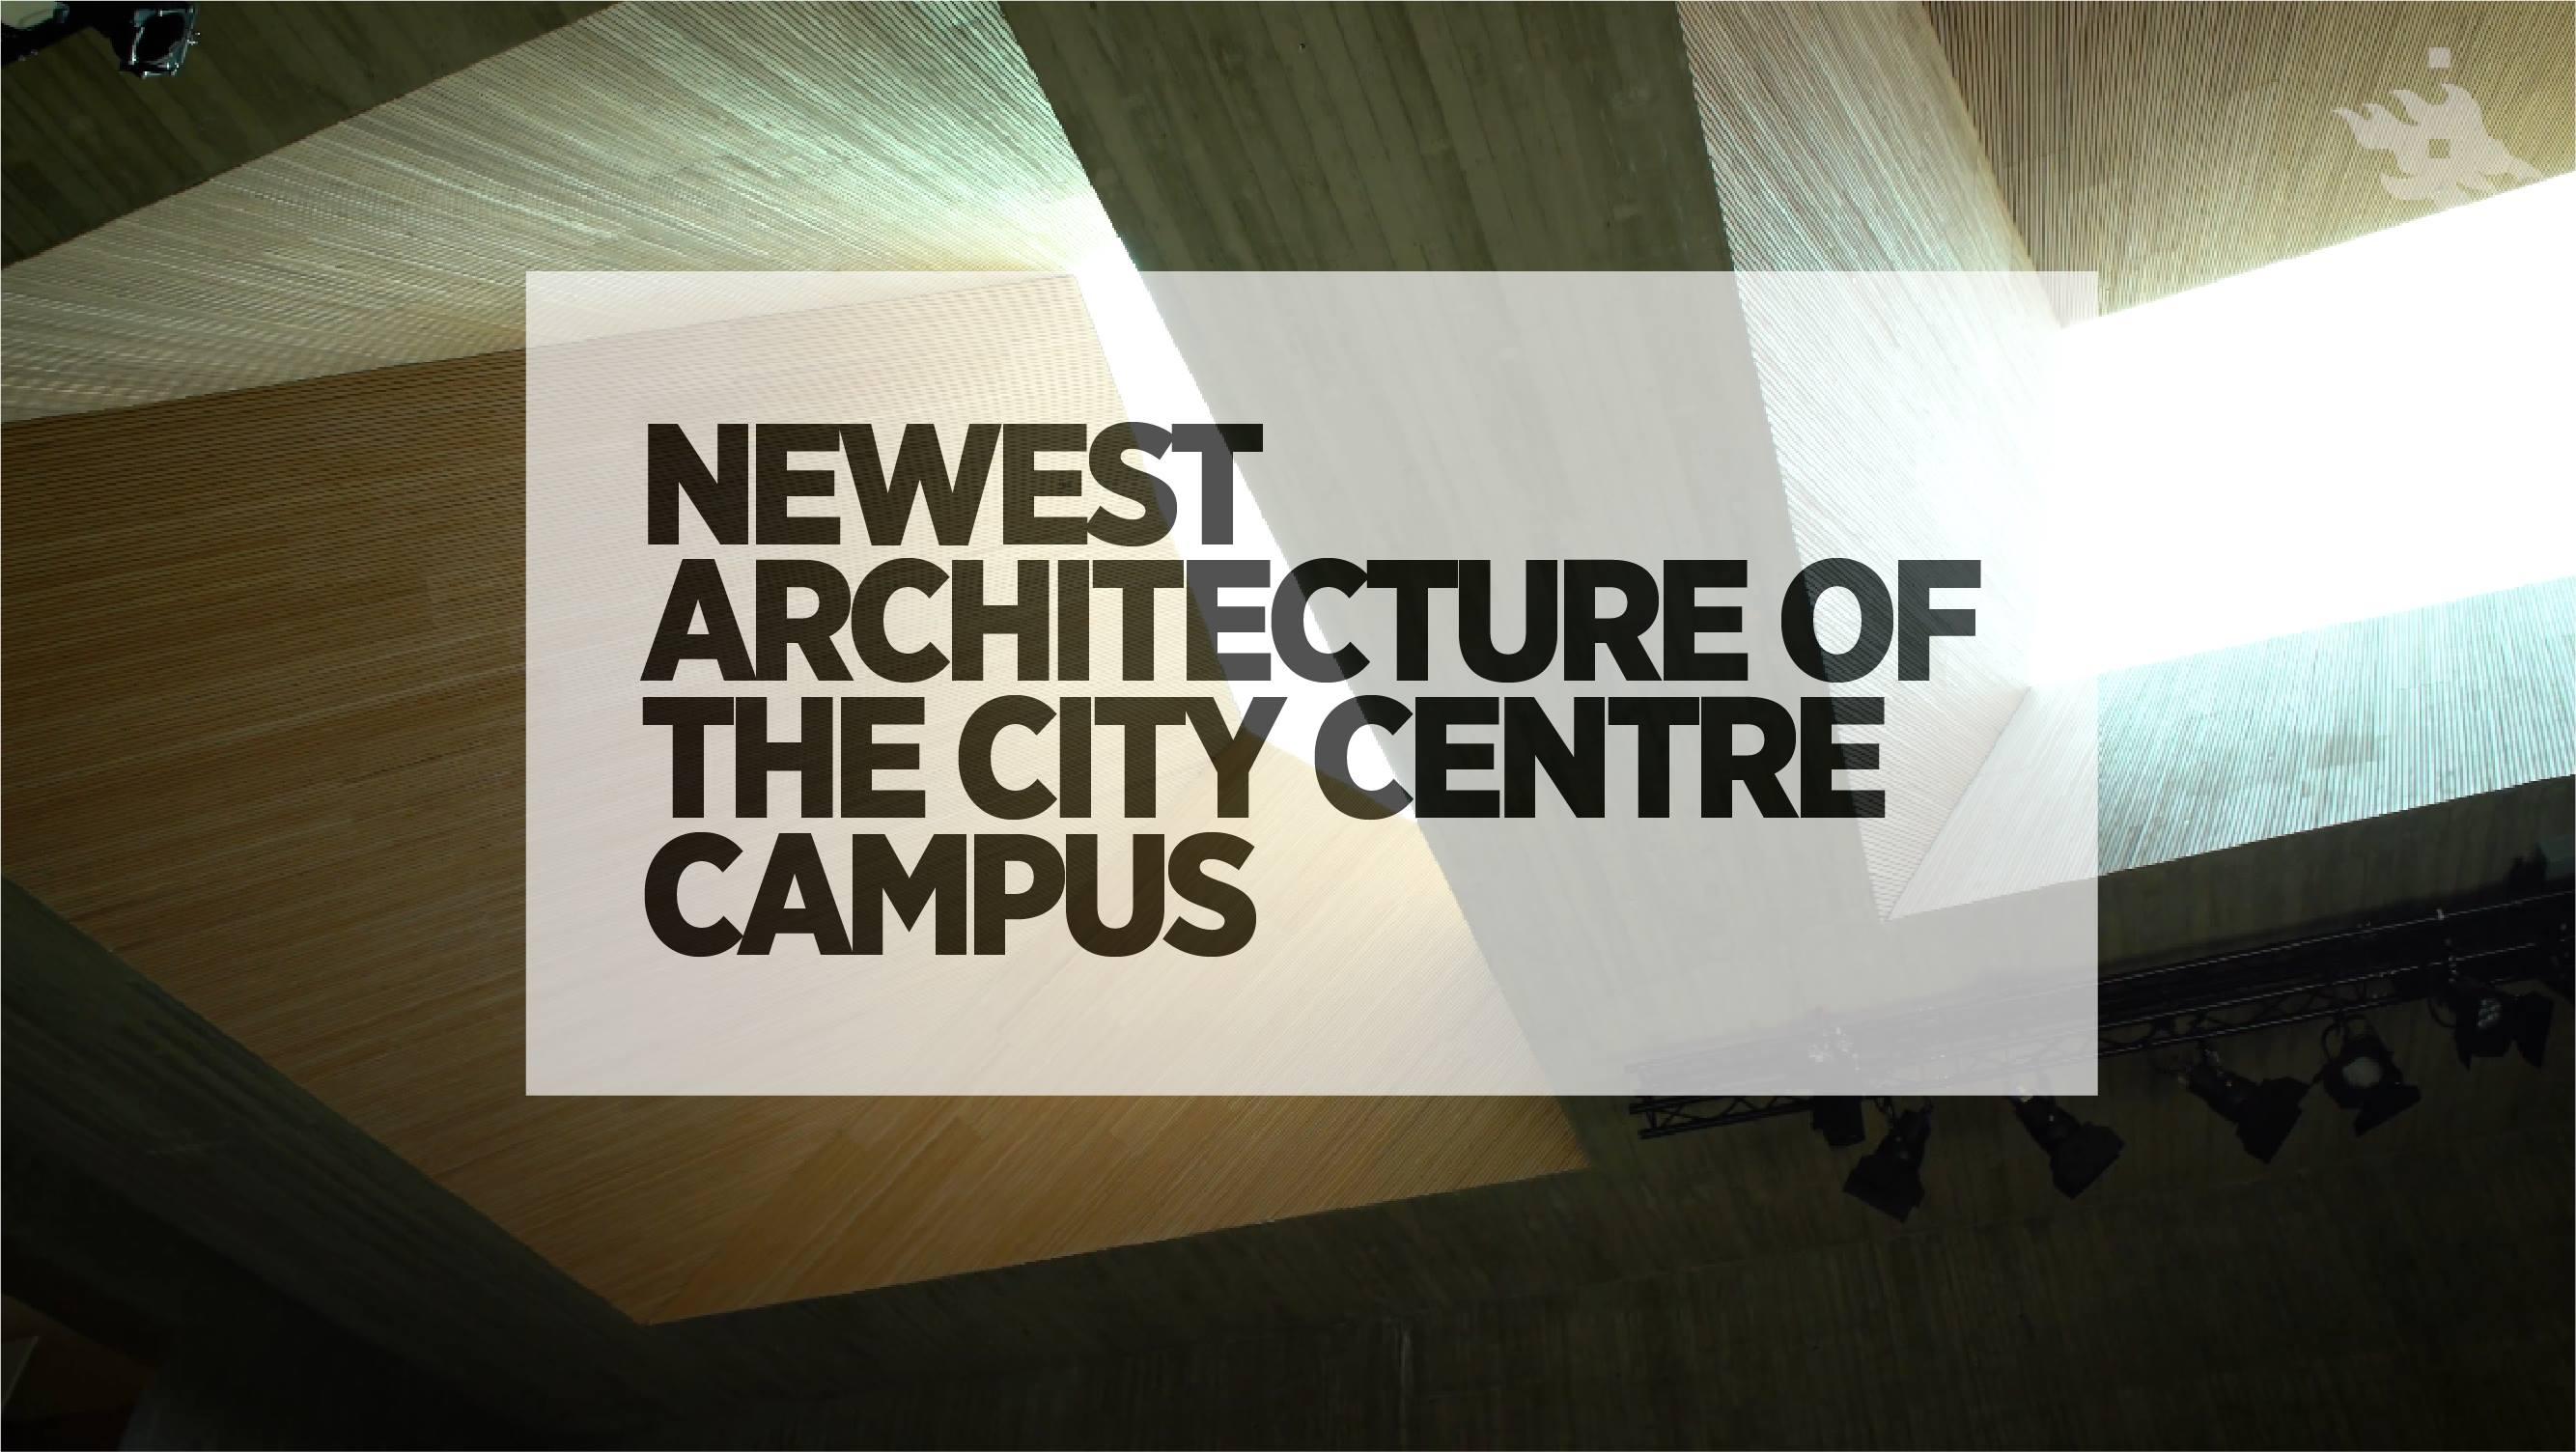 Linkki tapahtumaan Taidehistoriallinen kävelykierros: Newest architecture of the city centre campus (englanniksi)